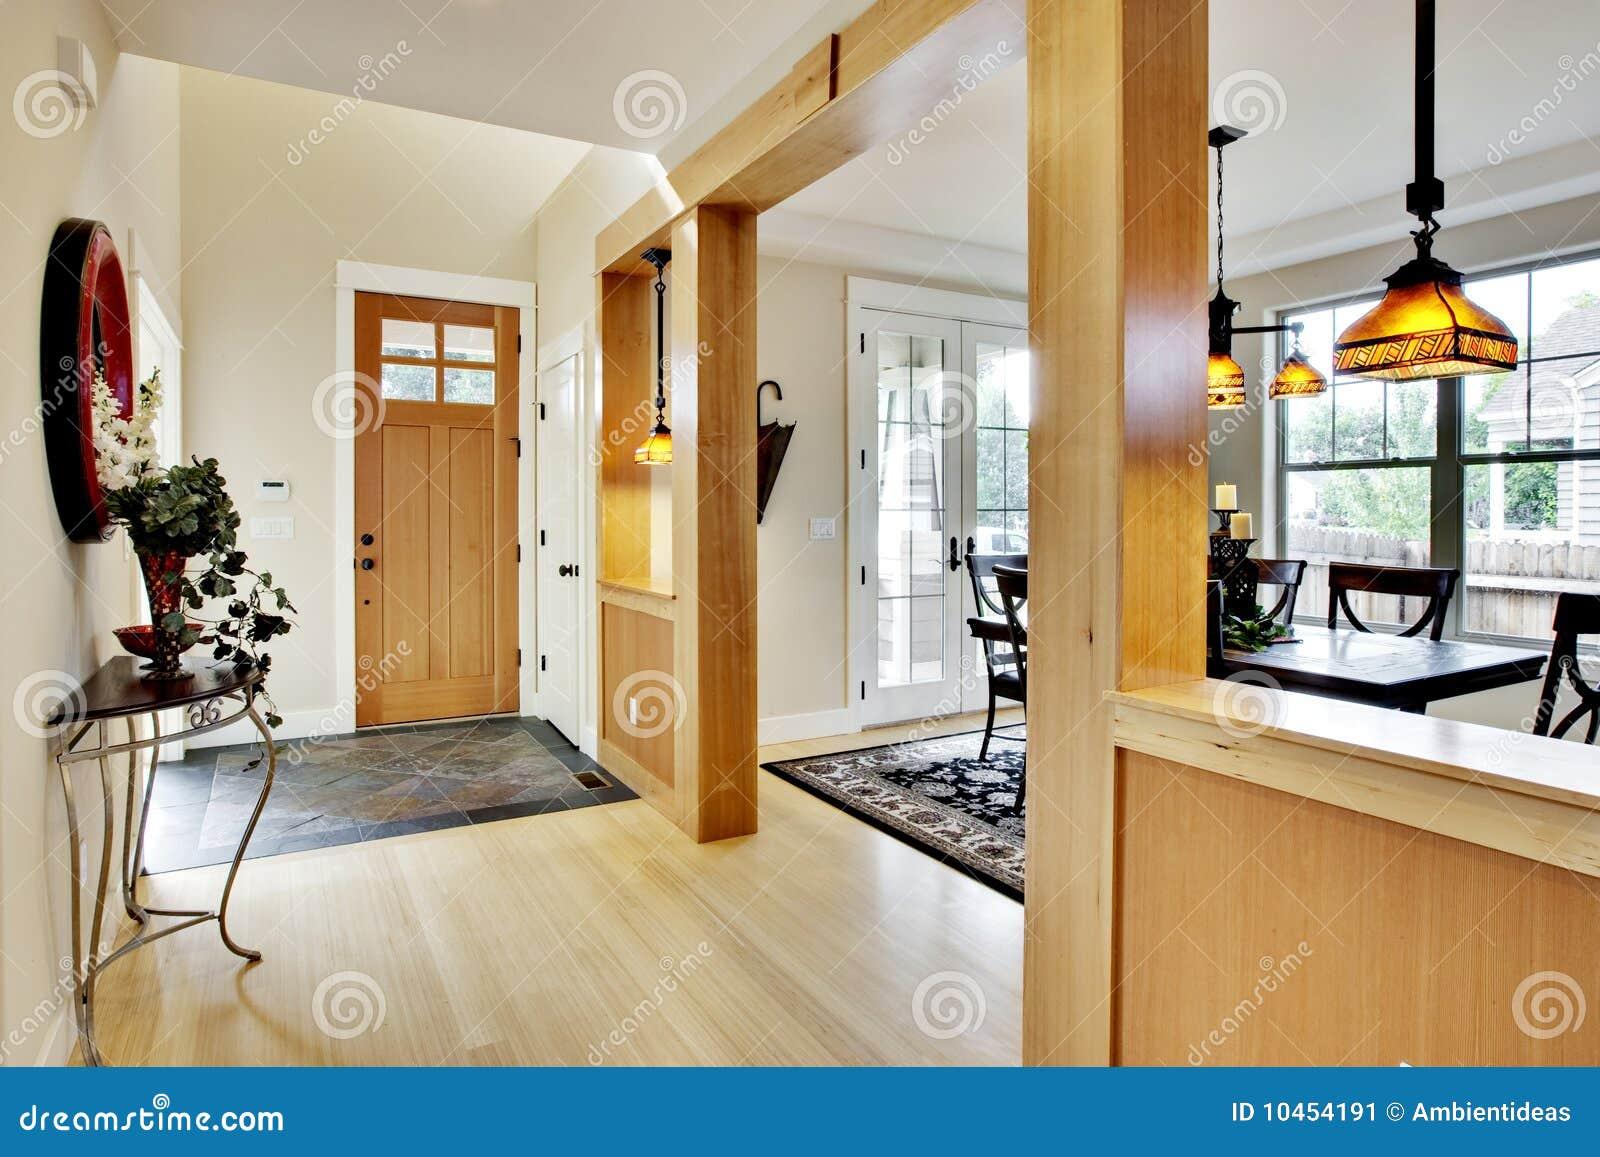 De gang van de ingang van het huis stock afbeelding afbeelding 10454191 - Ingang van een huis ...